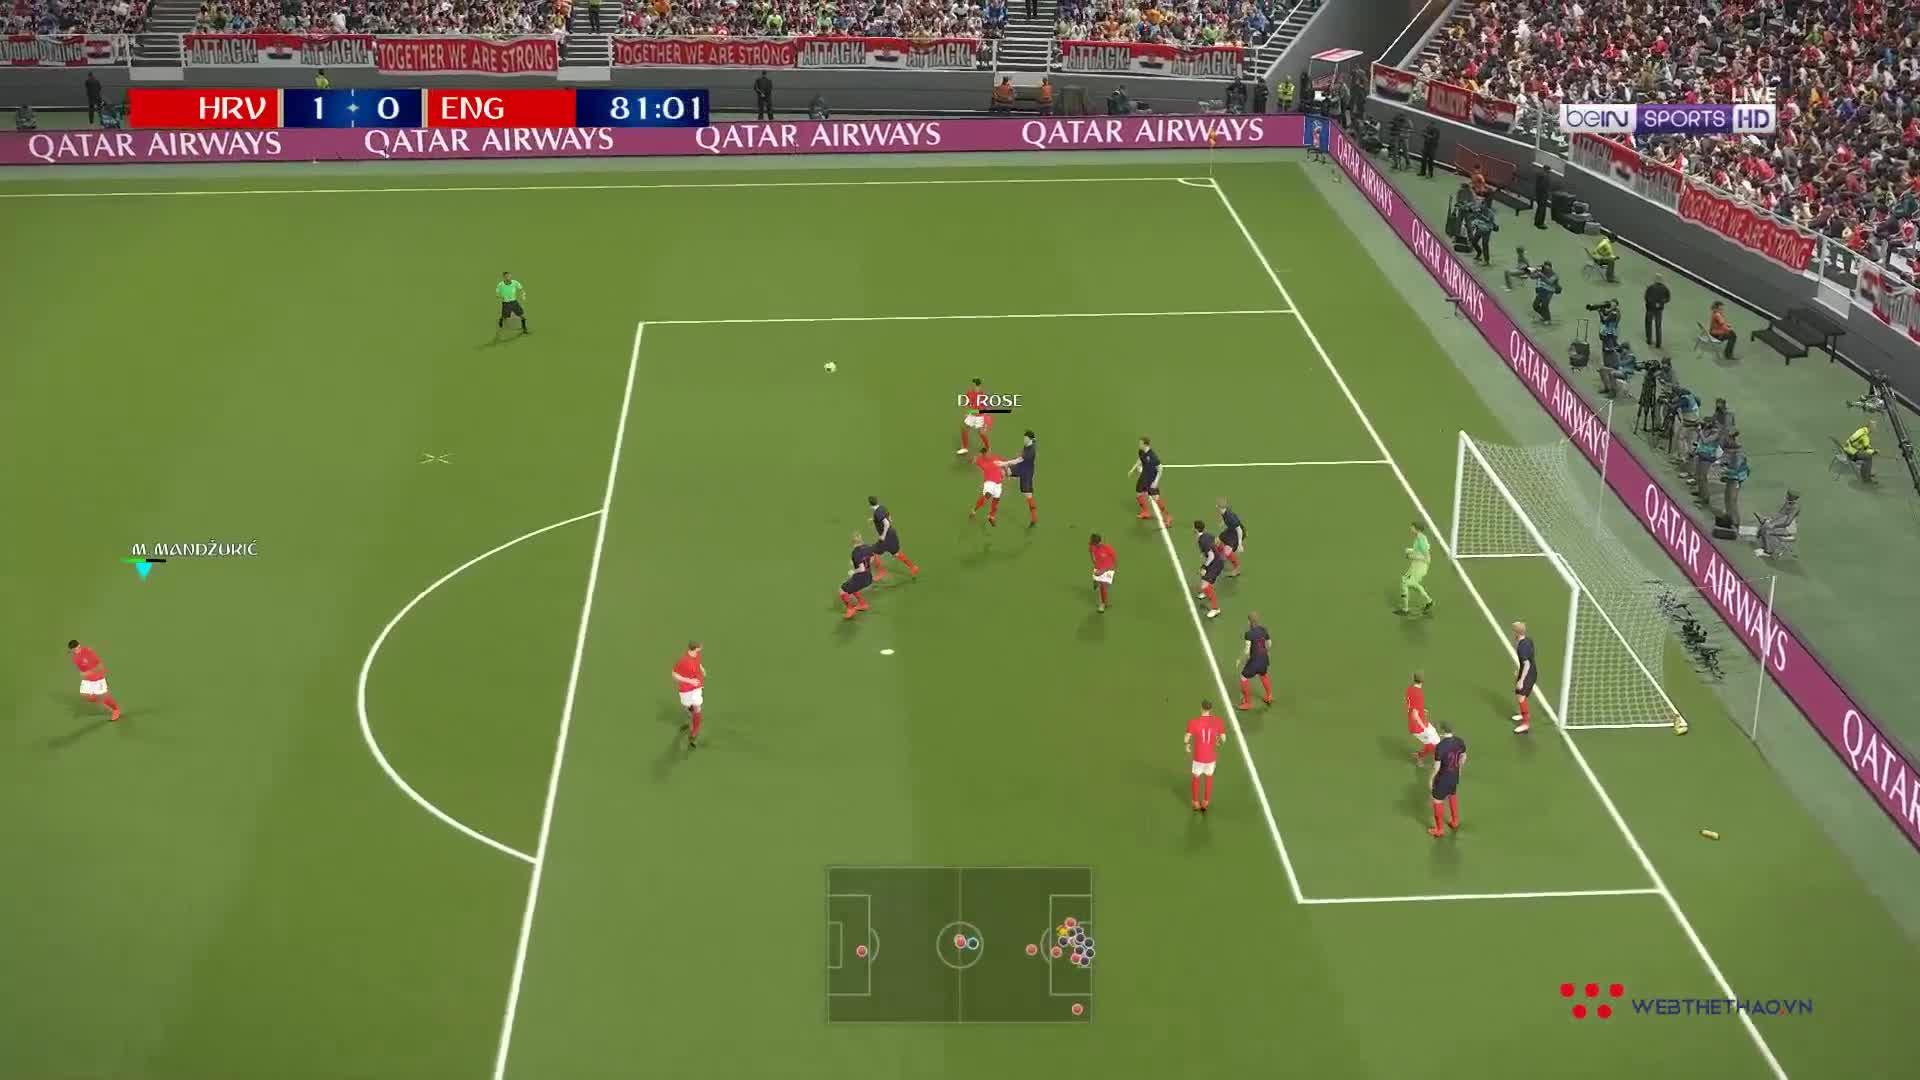 PES WORLD CUP | #40 | MODRIC TỎA SÁNG, CROATIA ĐIỀN TÊN MÌNH VÀO CHUNG KẾT